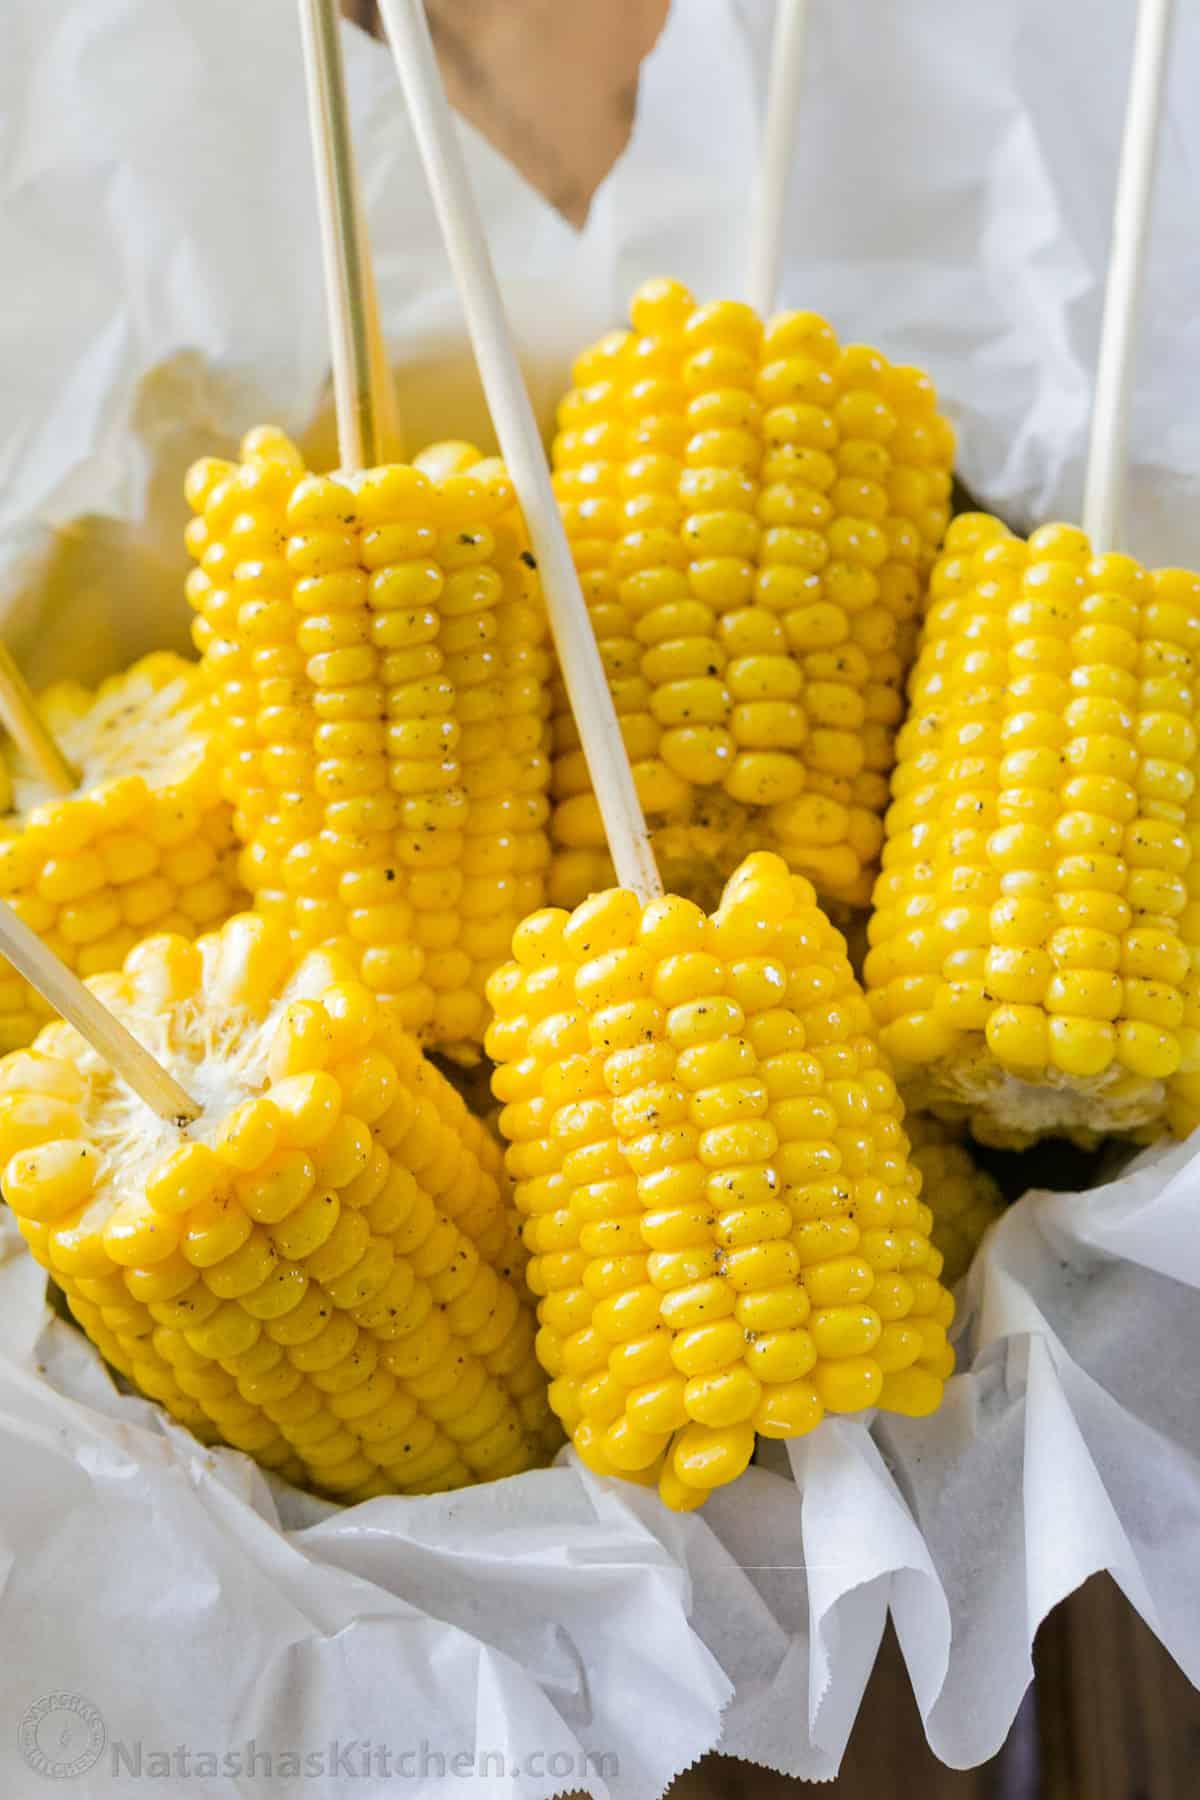 Boiled Corn On The Cob Recipe Natashaskitchen Com